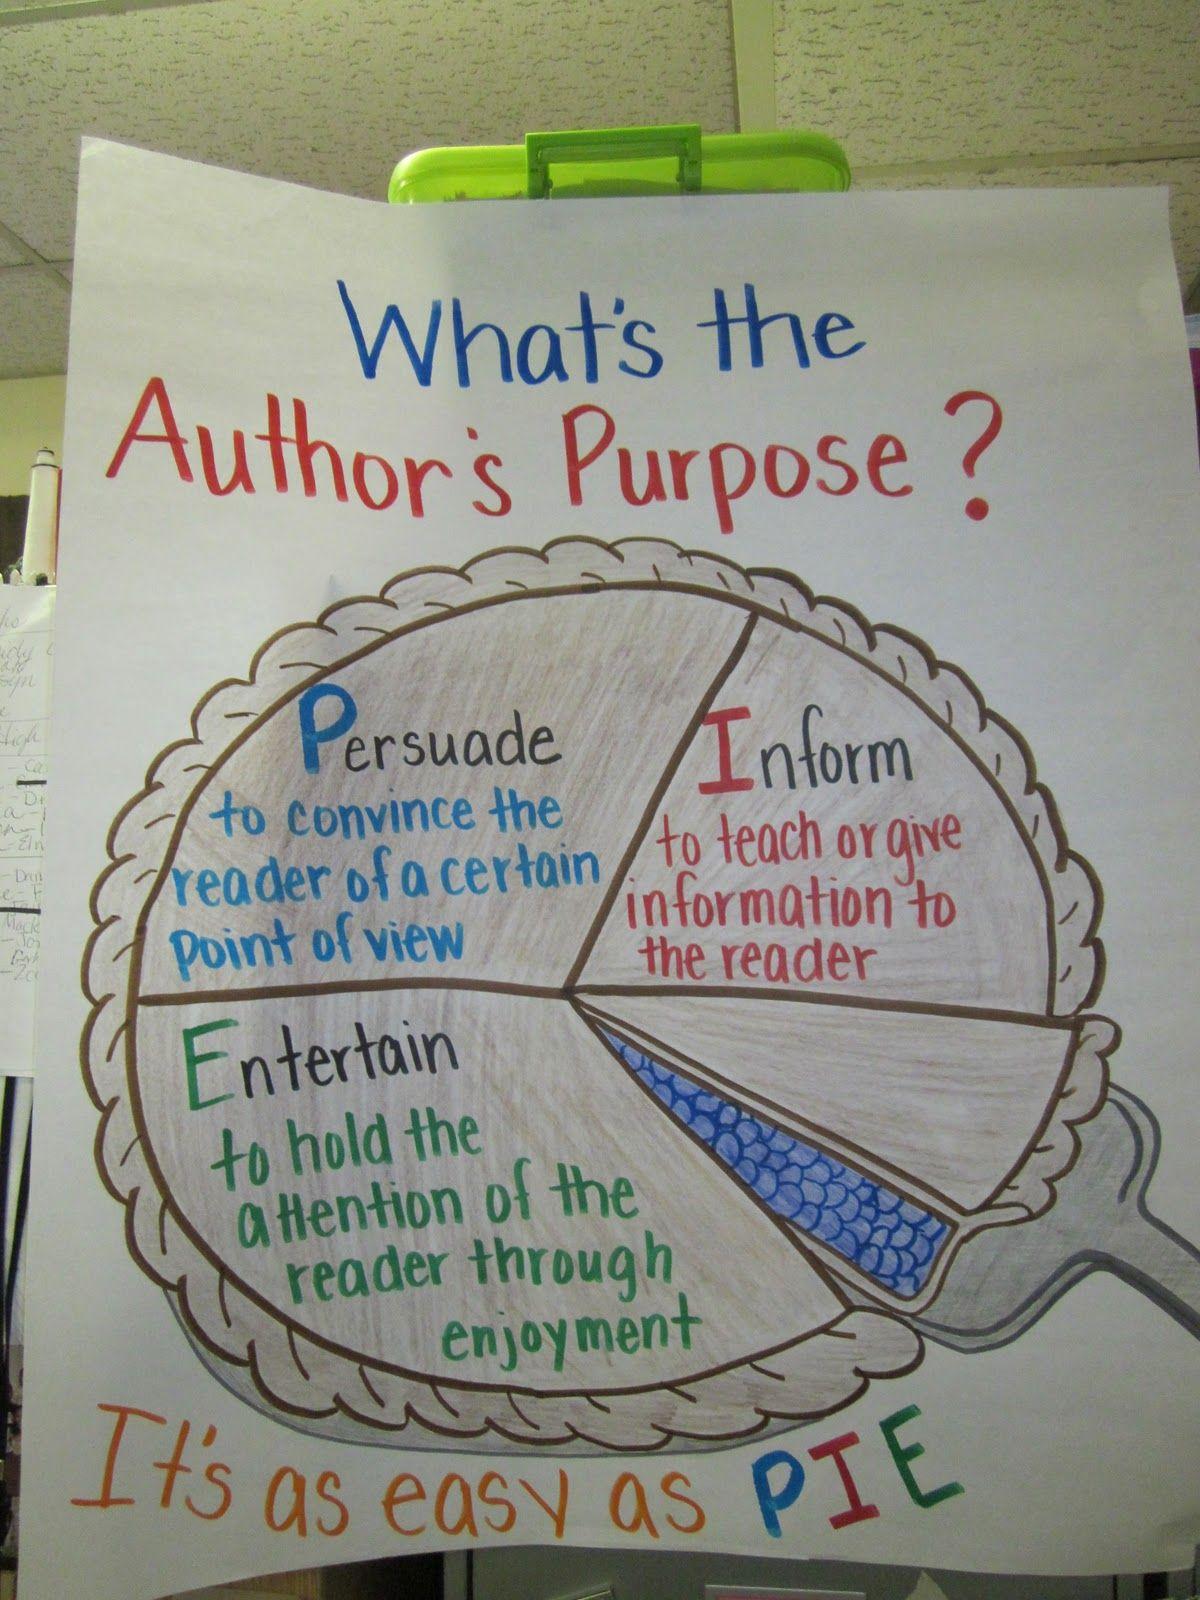 authors purpose chart koool skooool playlearn